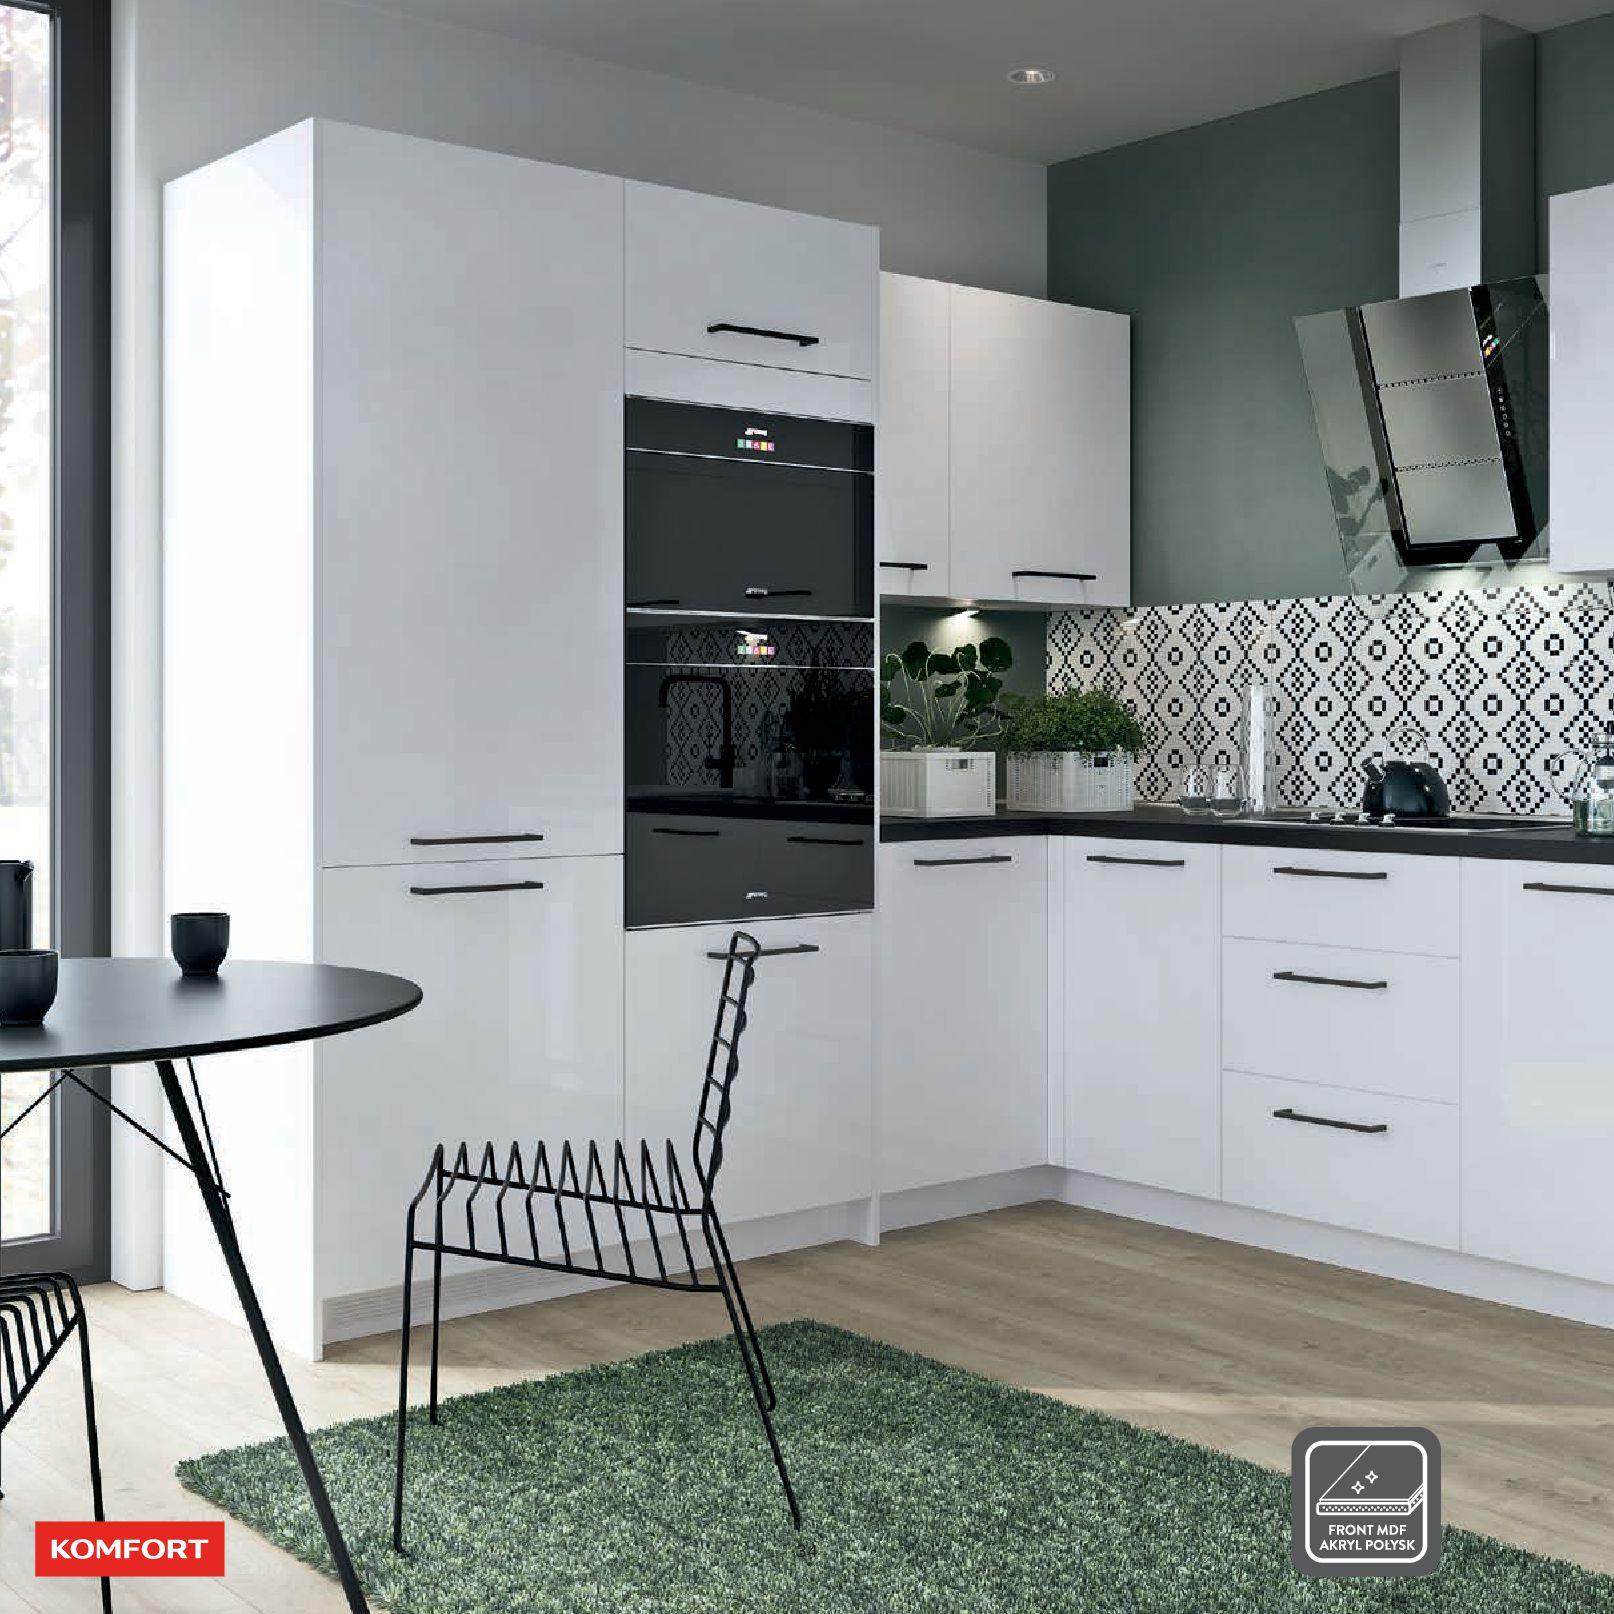 Gazetka Komfort: Gazetka Komfort - Katalog Kuchnie 2021 2021-06-16 page-36